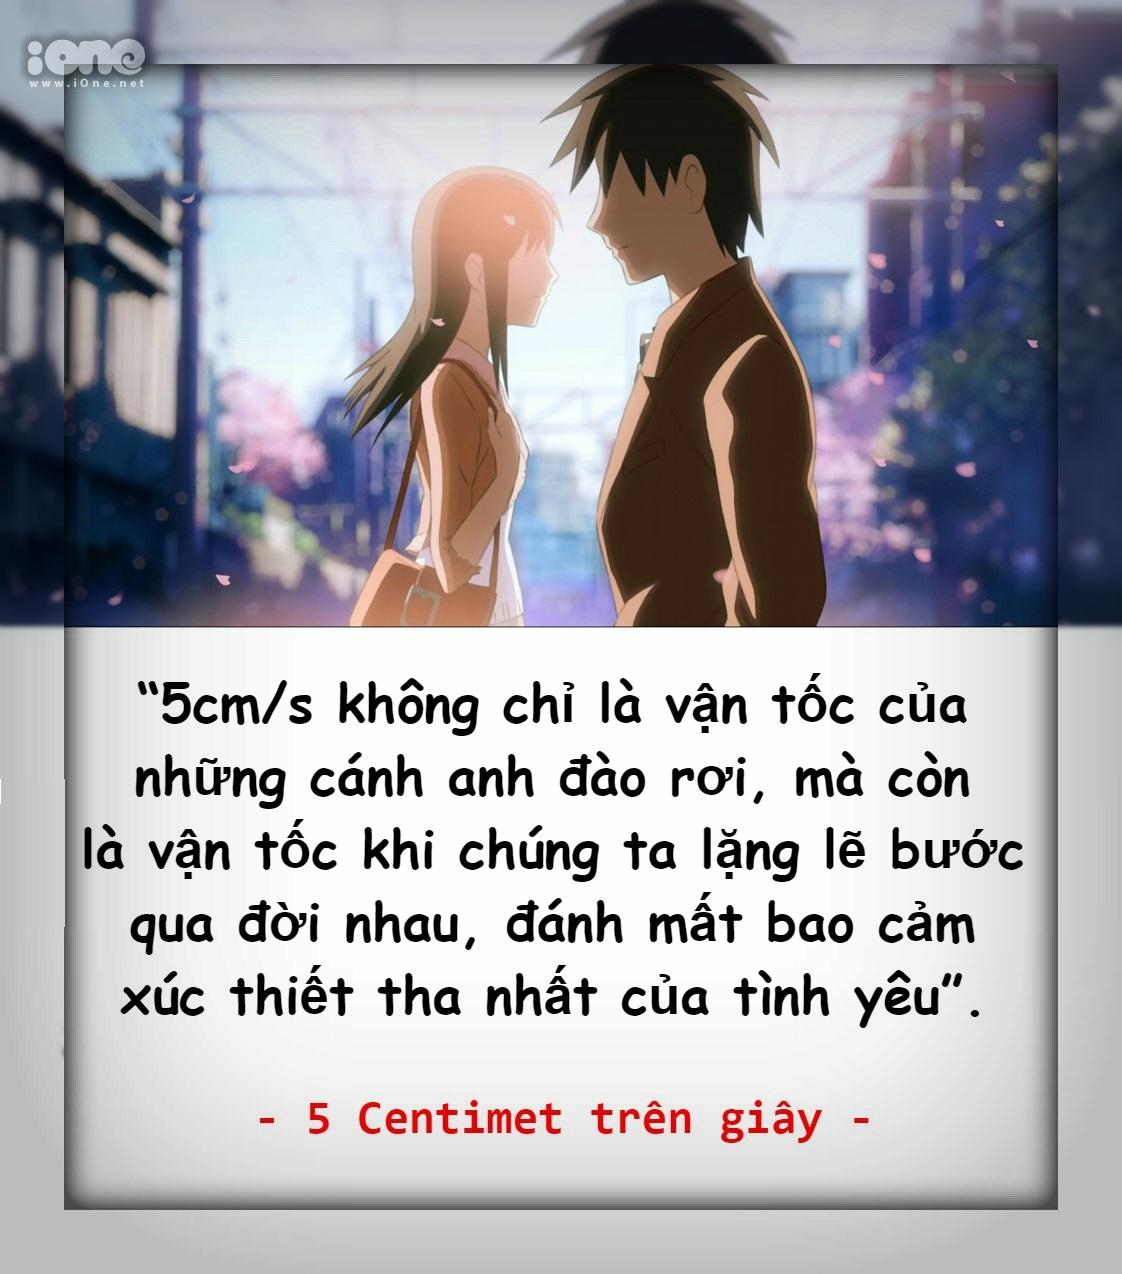 5 Centimet trên giây là một phim anime do hãng CoMix Wave thực hiện. Bộ phim được công chiếu lần đầu vào ngày 3/3/2007 và gây nên cơn sốt màn ảnh toàn thế ...